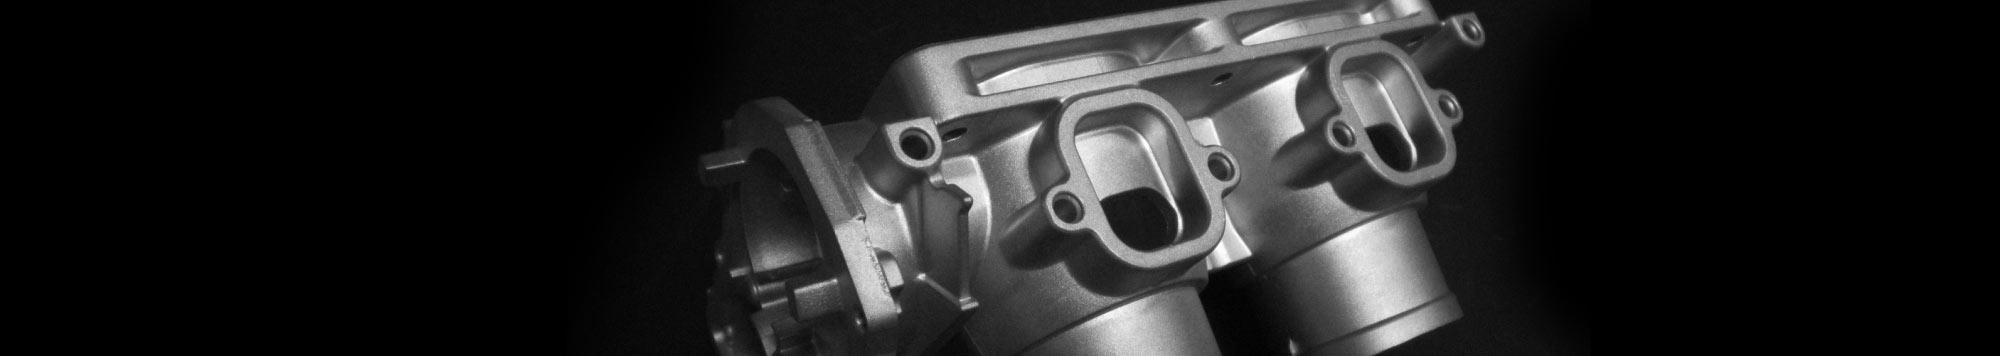 Spezialist auf dem Aluminium Druckguss